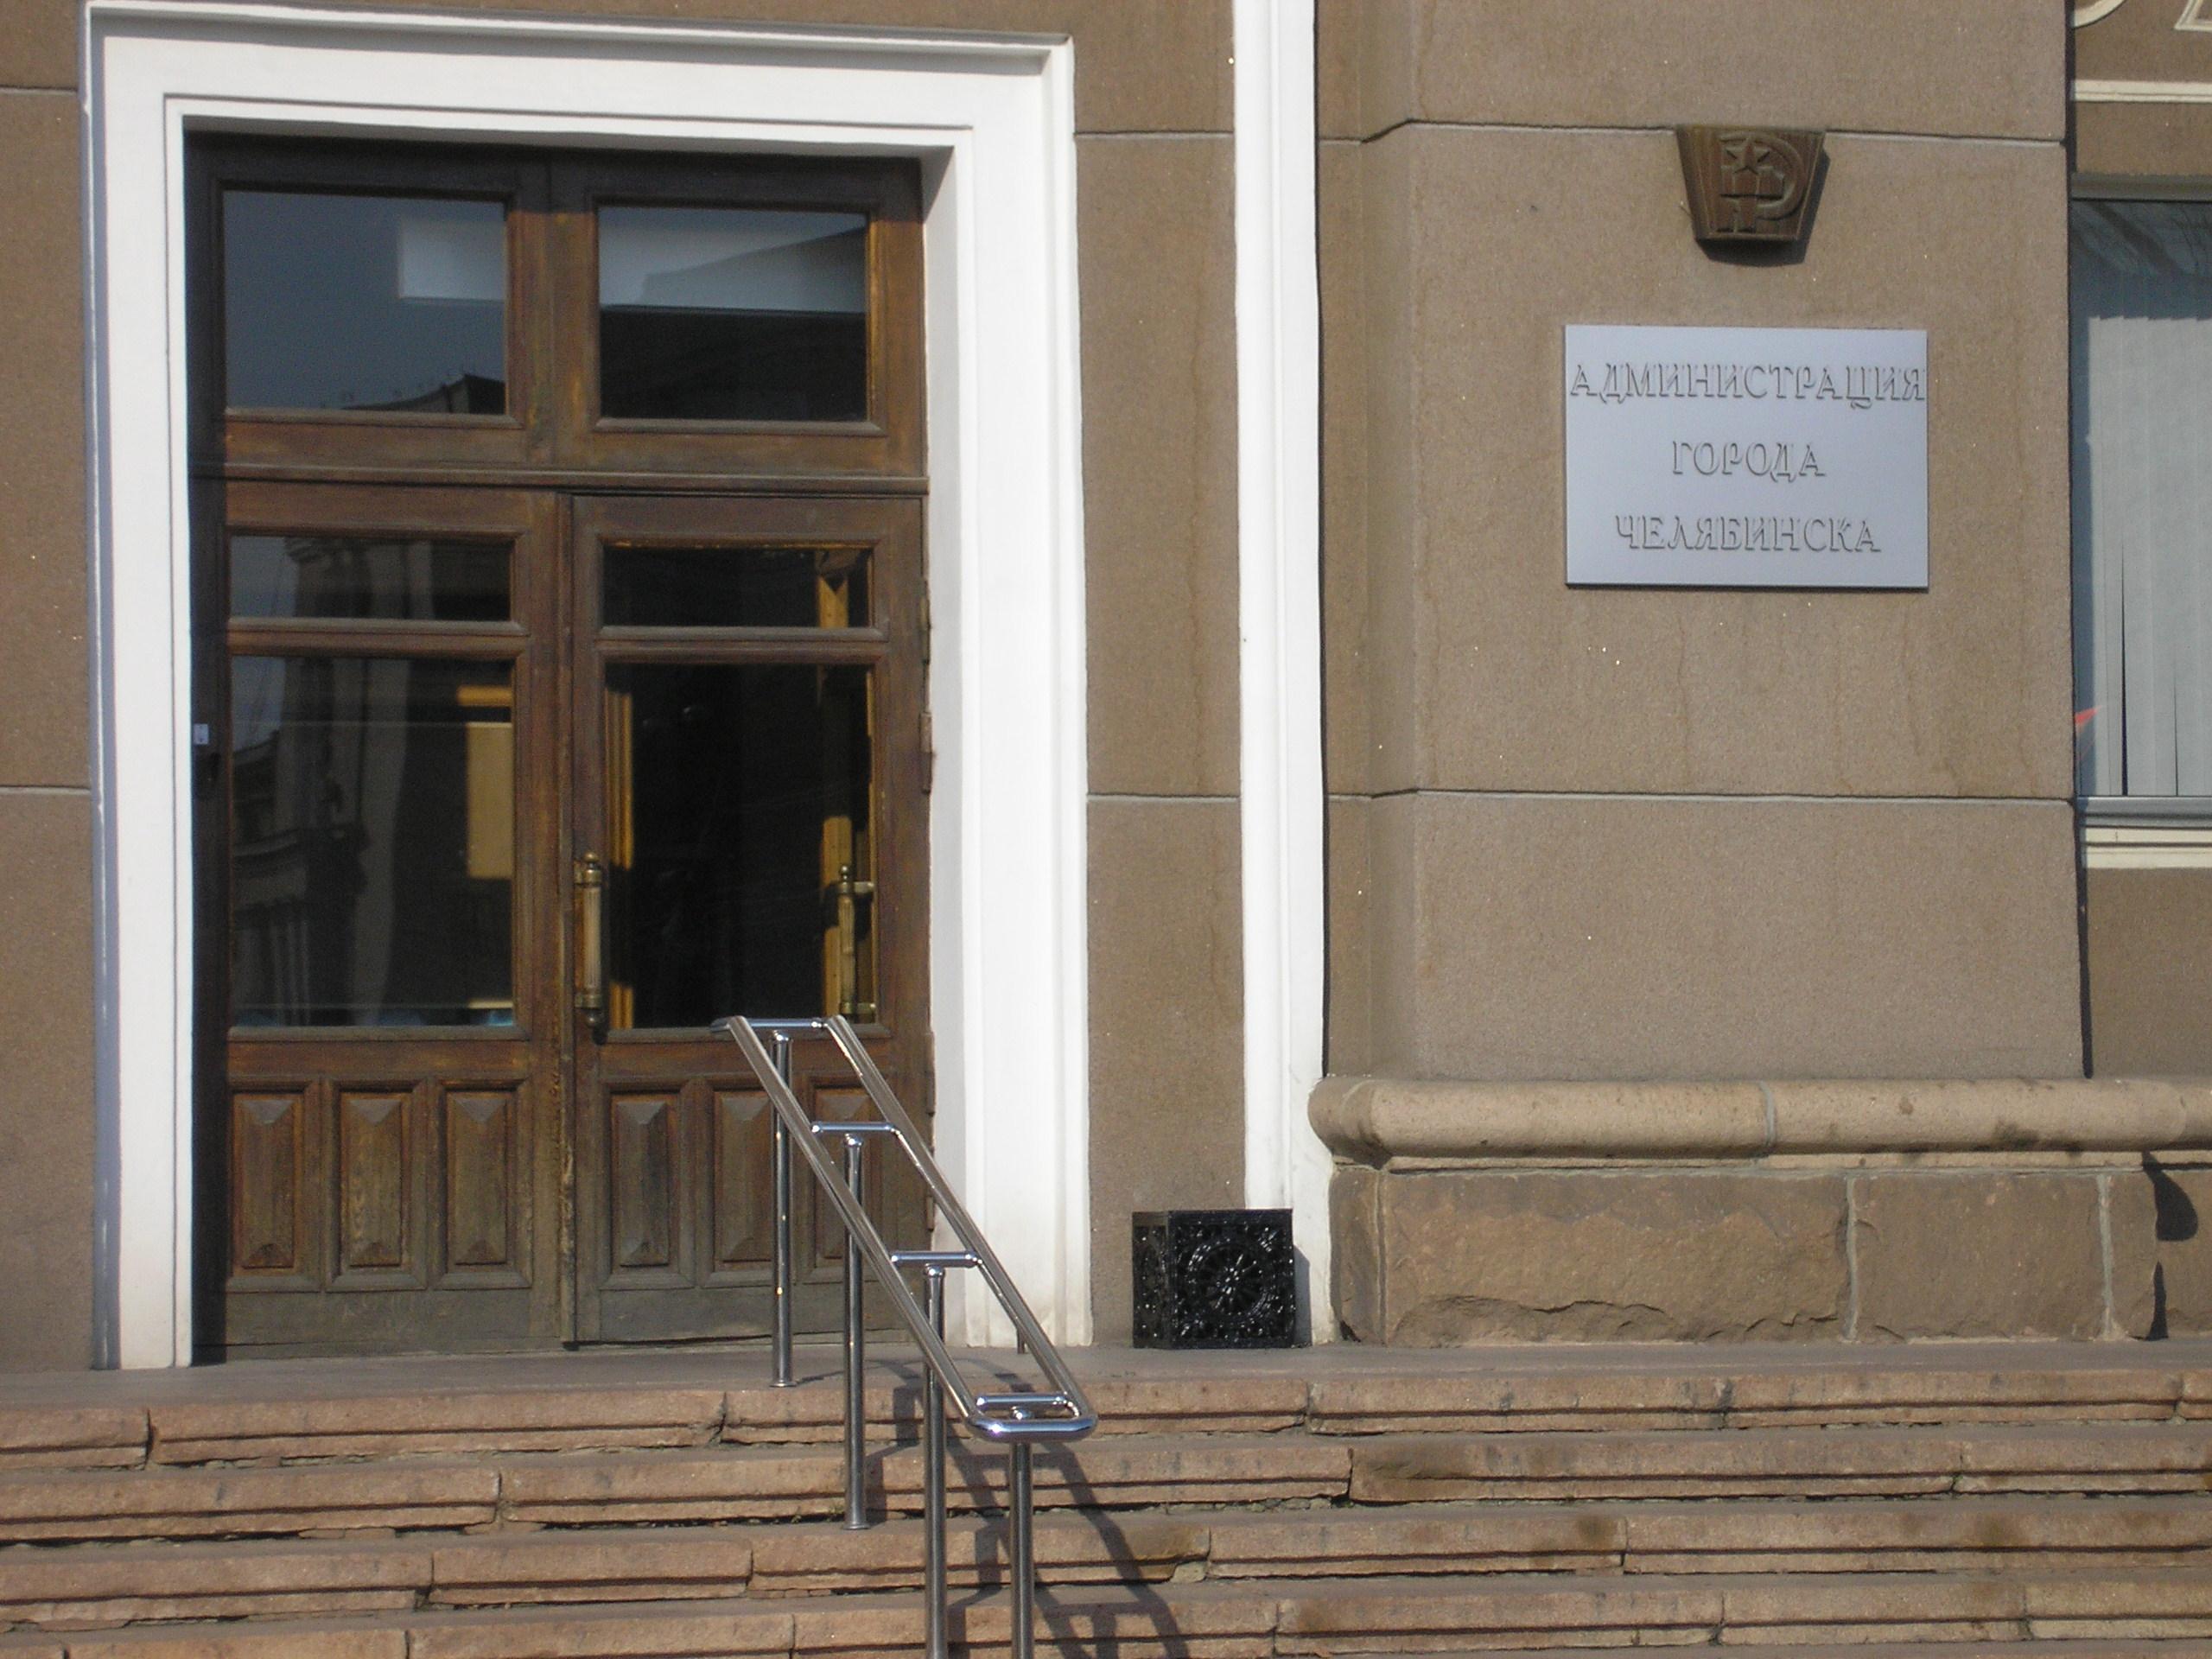 Исполняющая обязанности главы Челябинска Наталья Котова рассказала, что заменить